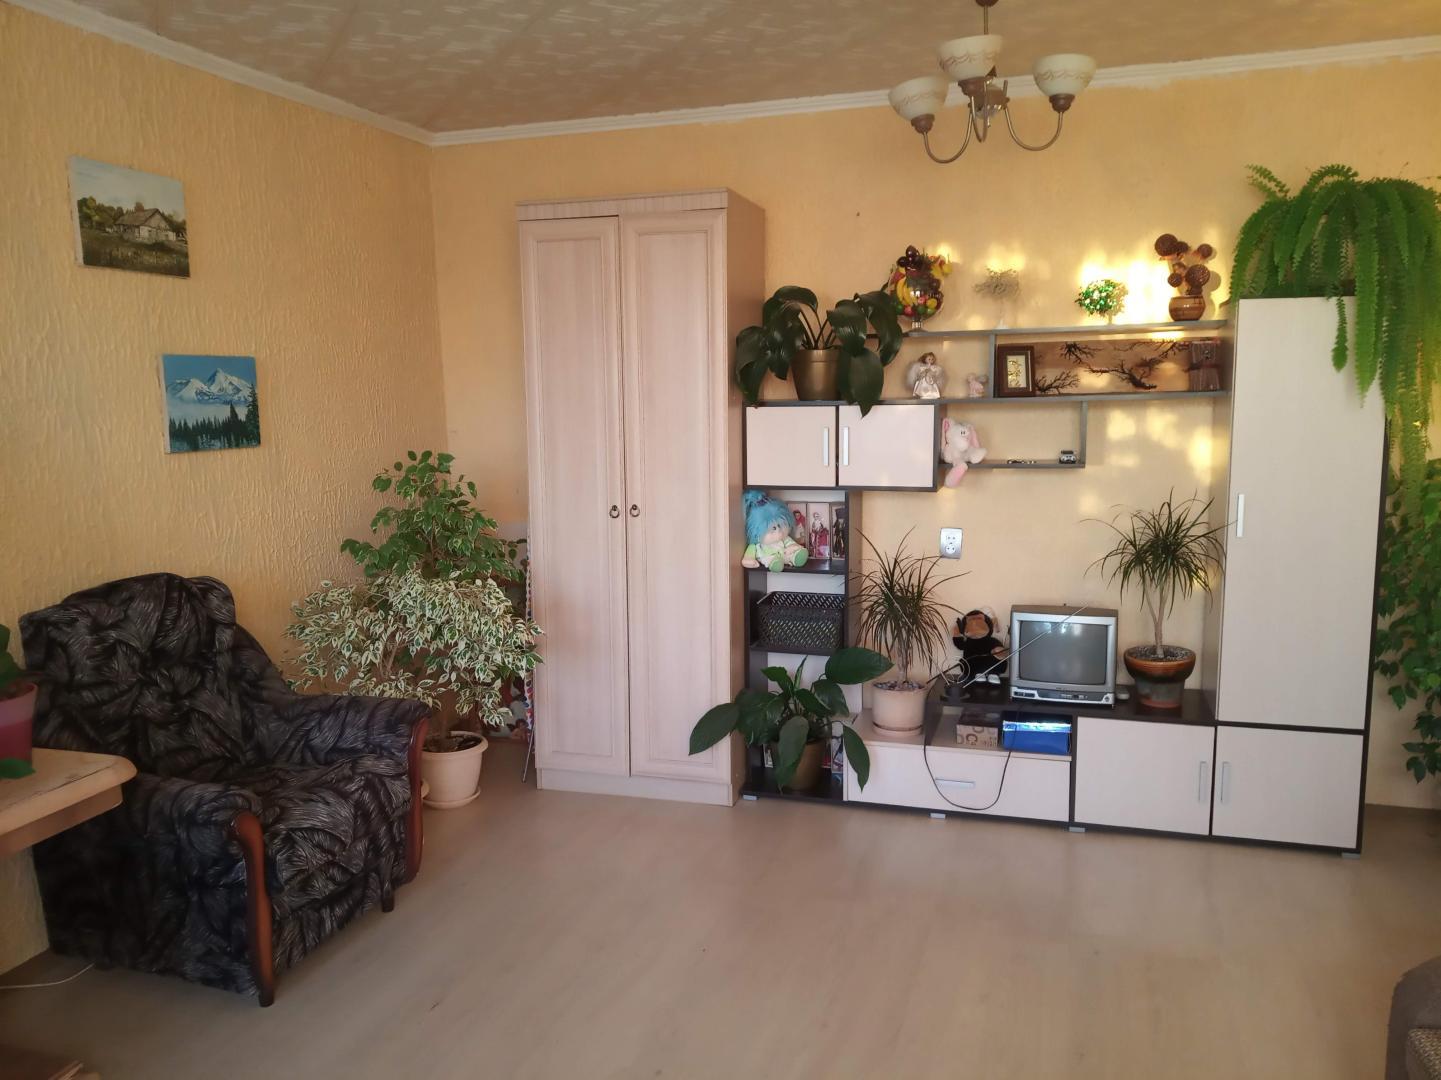 Дом на продажу по адресу Россия, Краснодарский край, городской округ Сочи, Вардане-верино, СТ Горный сад